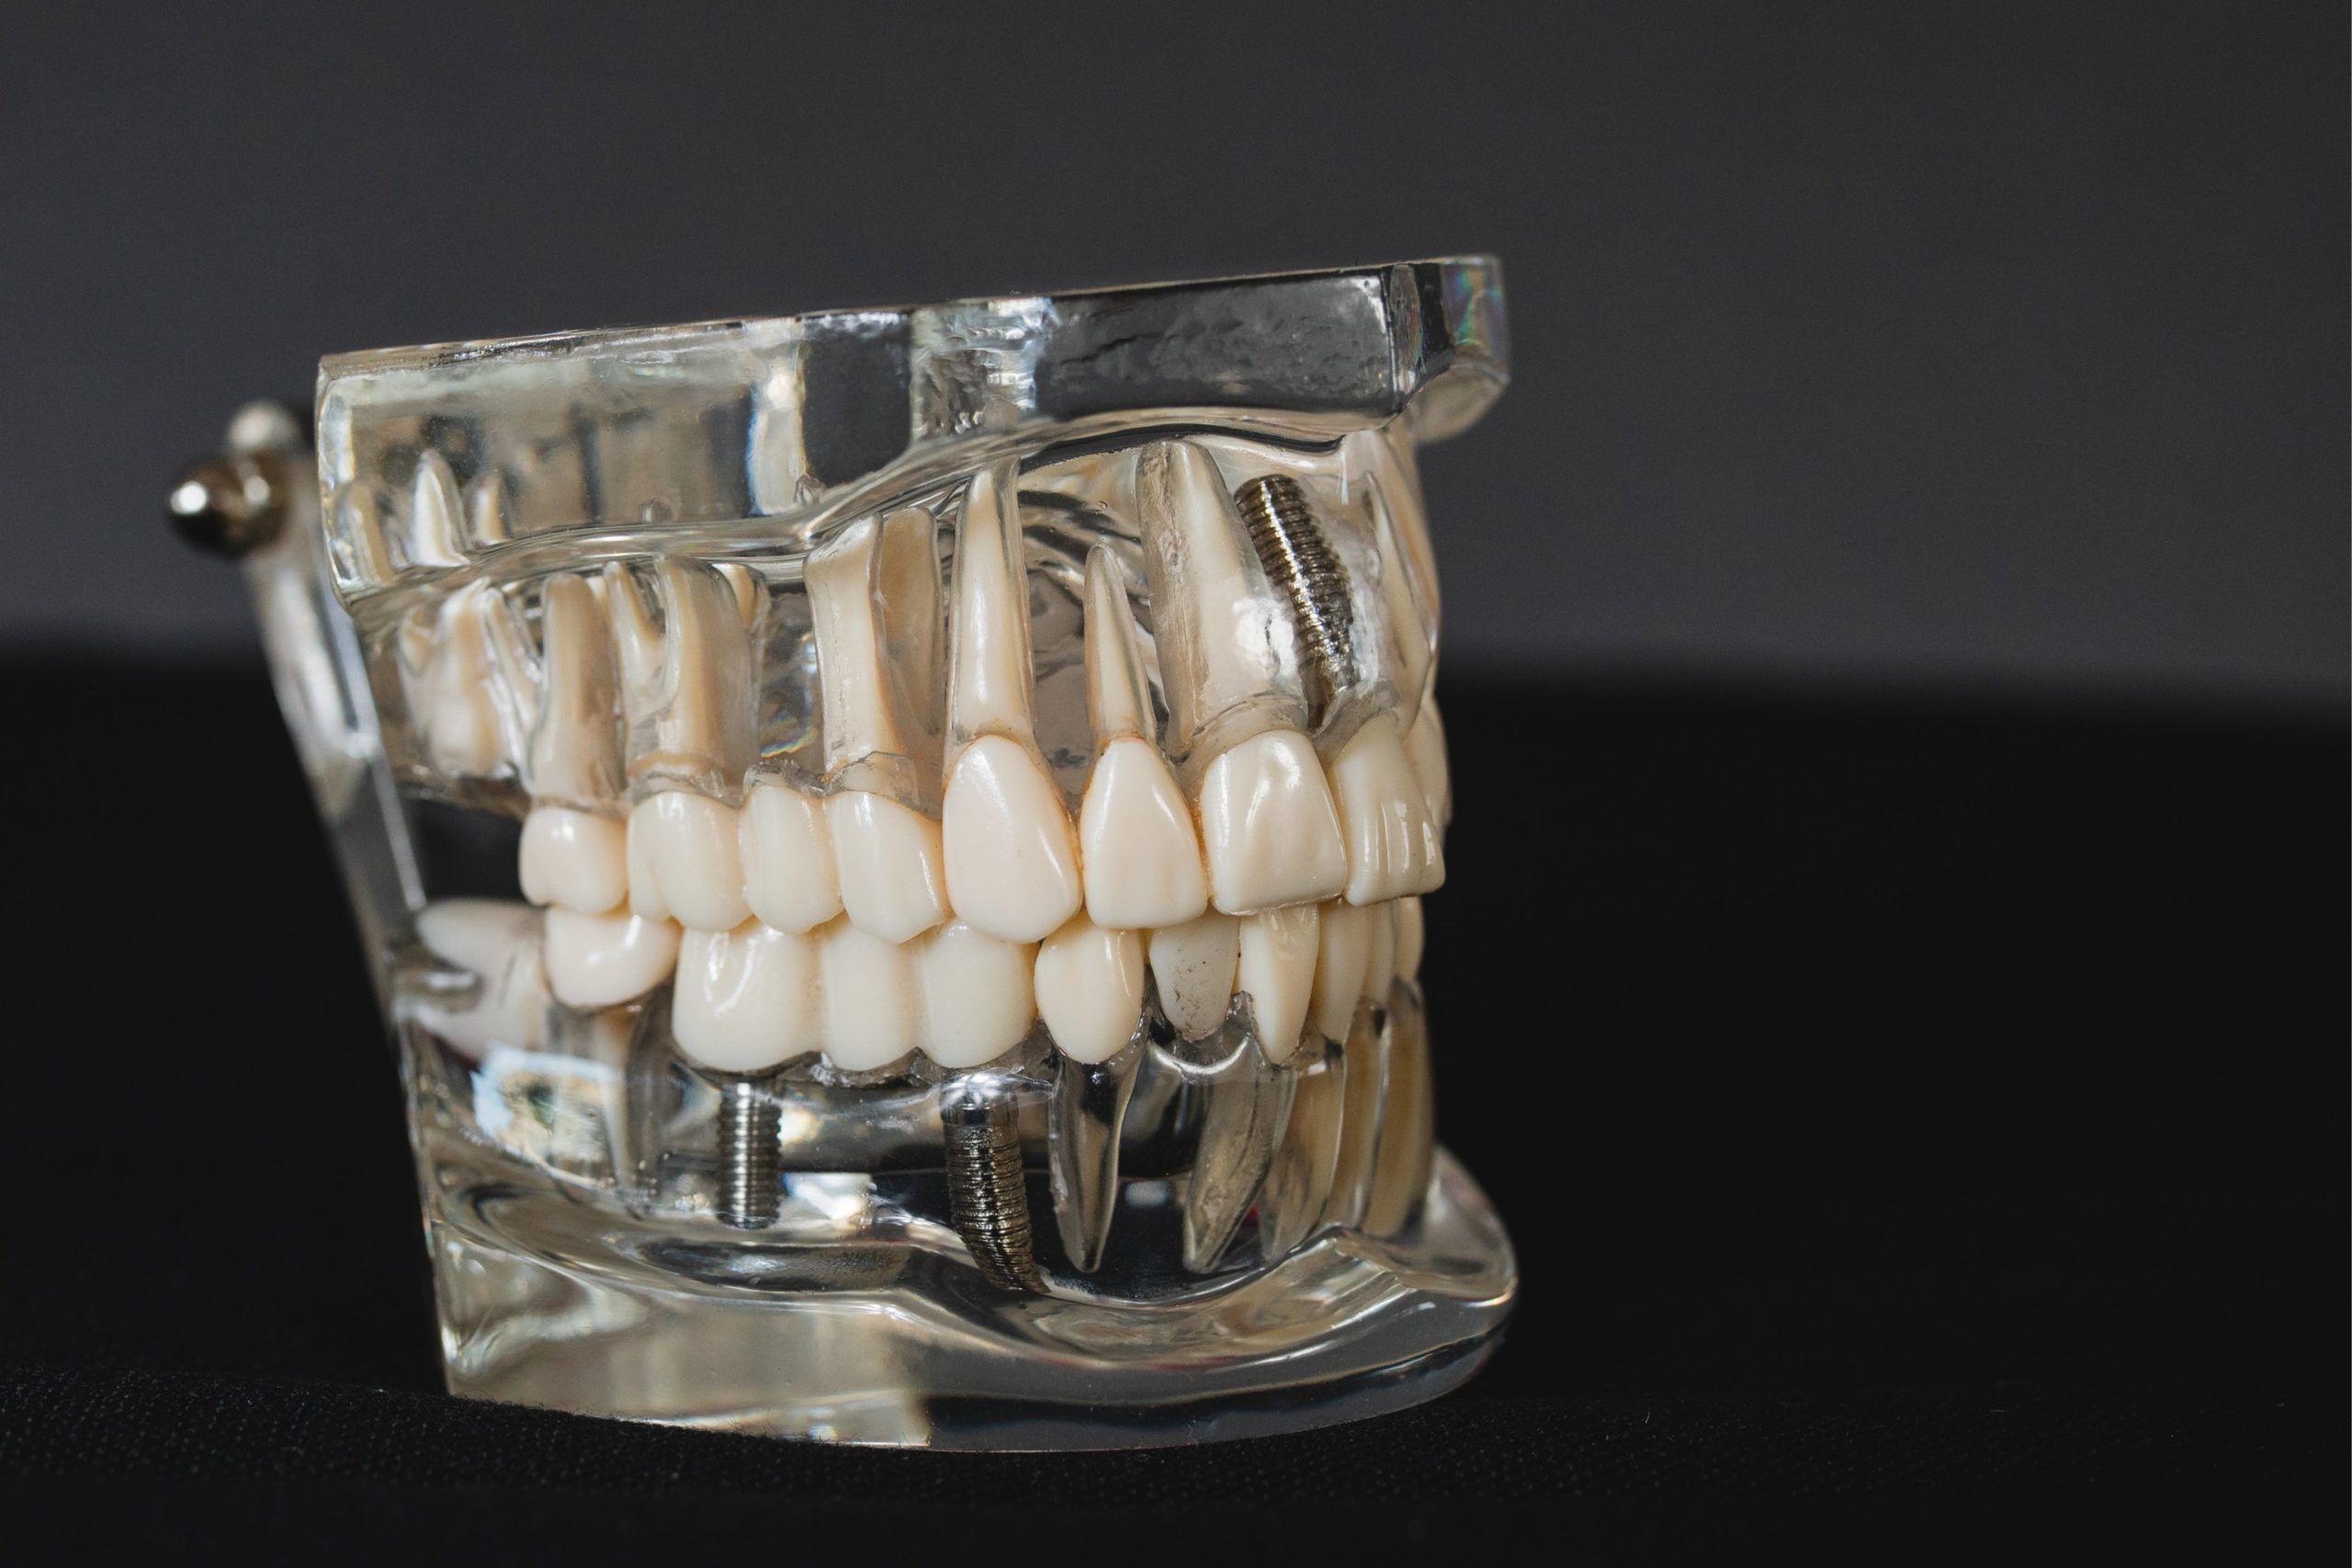 Eltandborste tänder